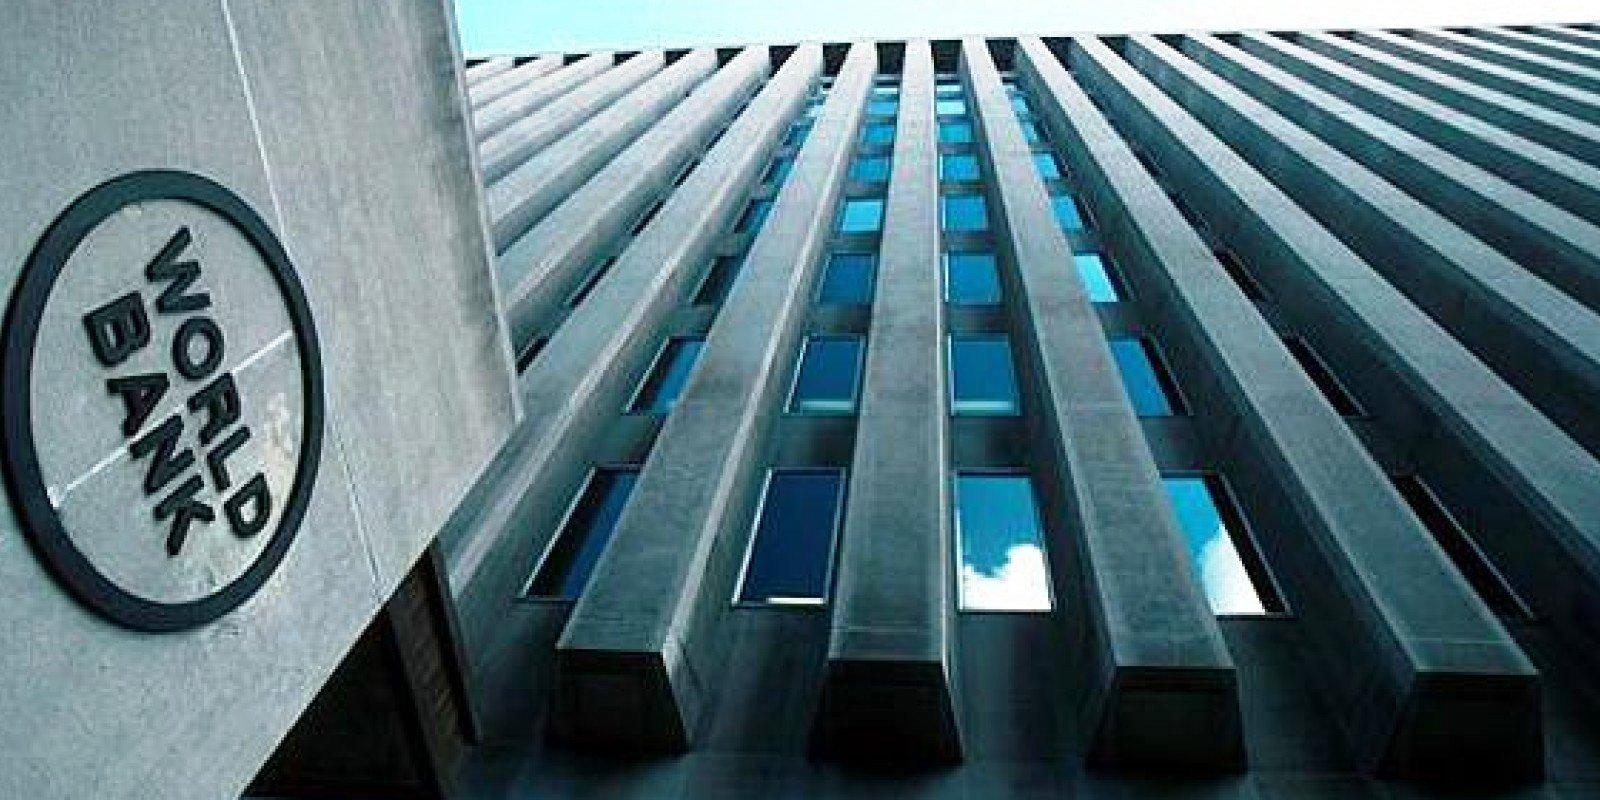 أكثر من 14مليار دولار من مجموعة البنك الدولى للمساعدة فى مواجهة كورونا   HOT information